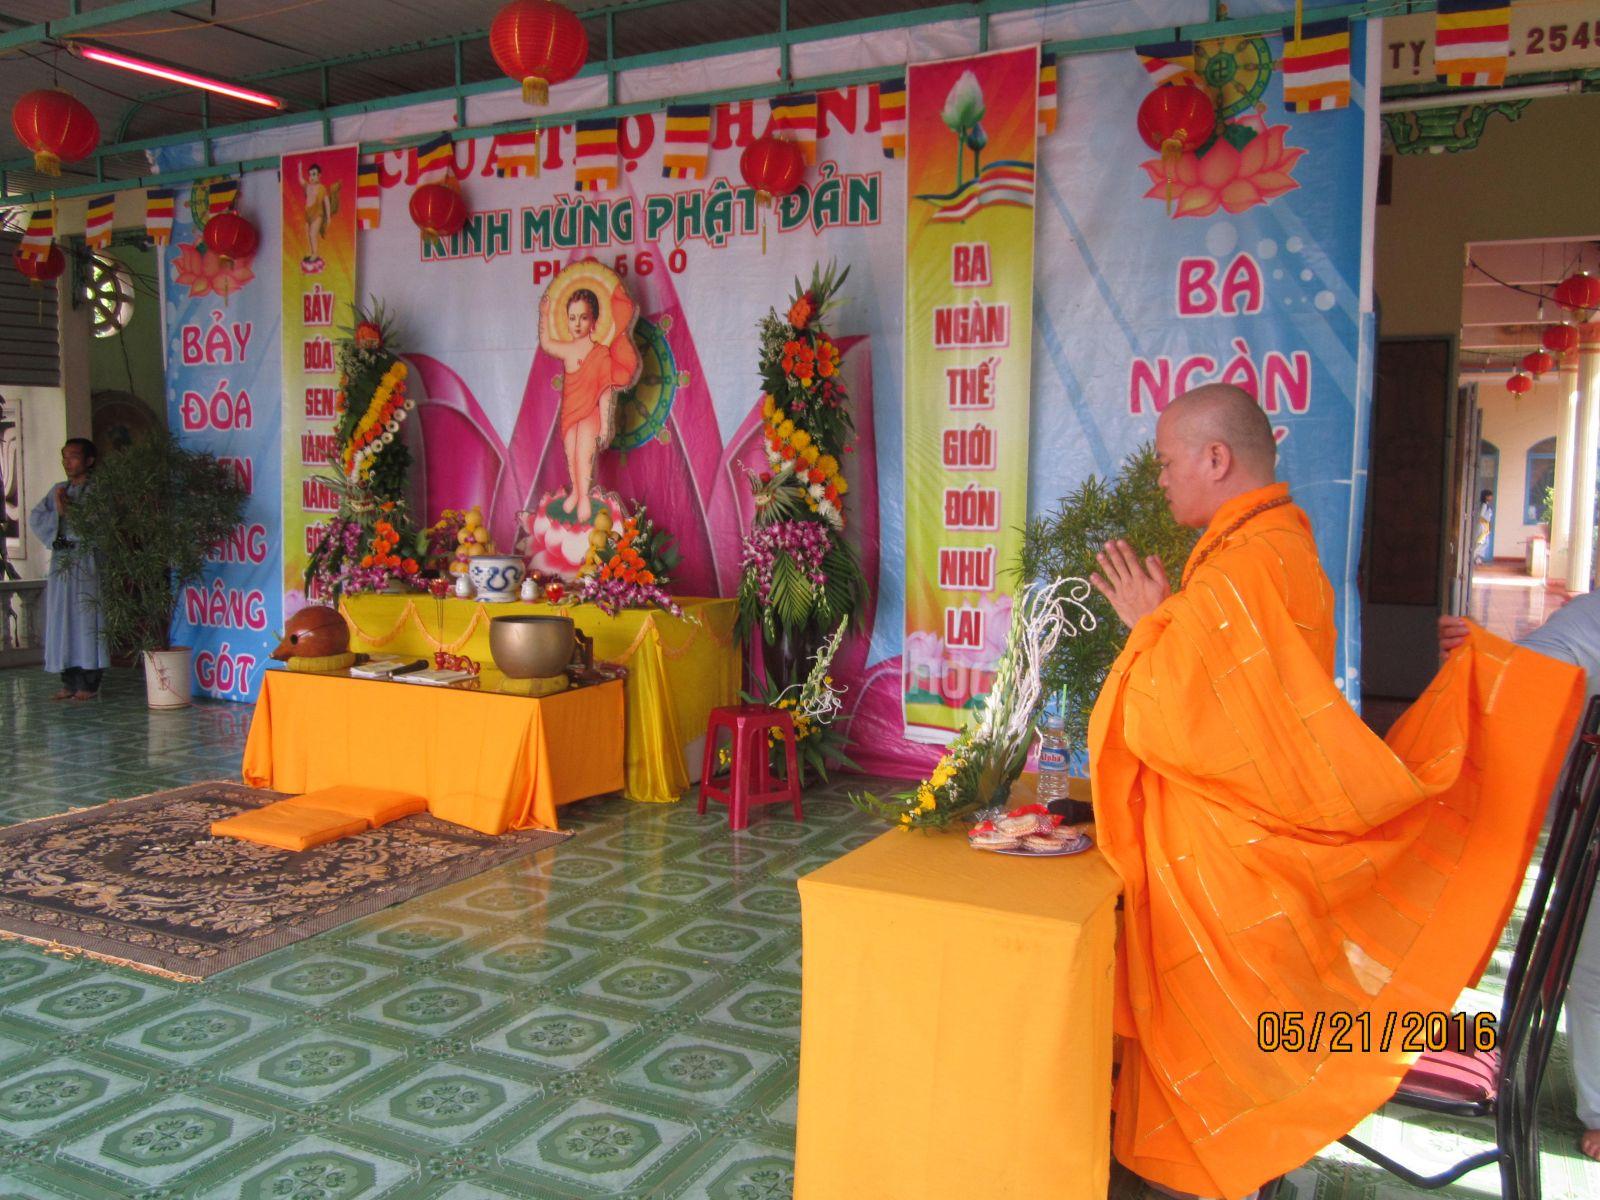 Tin và Ảnh Đại Lễ Phật Đản PL 2560 Các chùa phía tây nam thành phố Buôn Ma Thuột